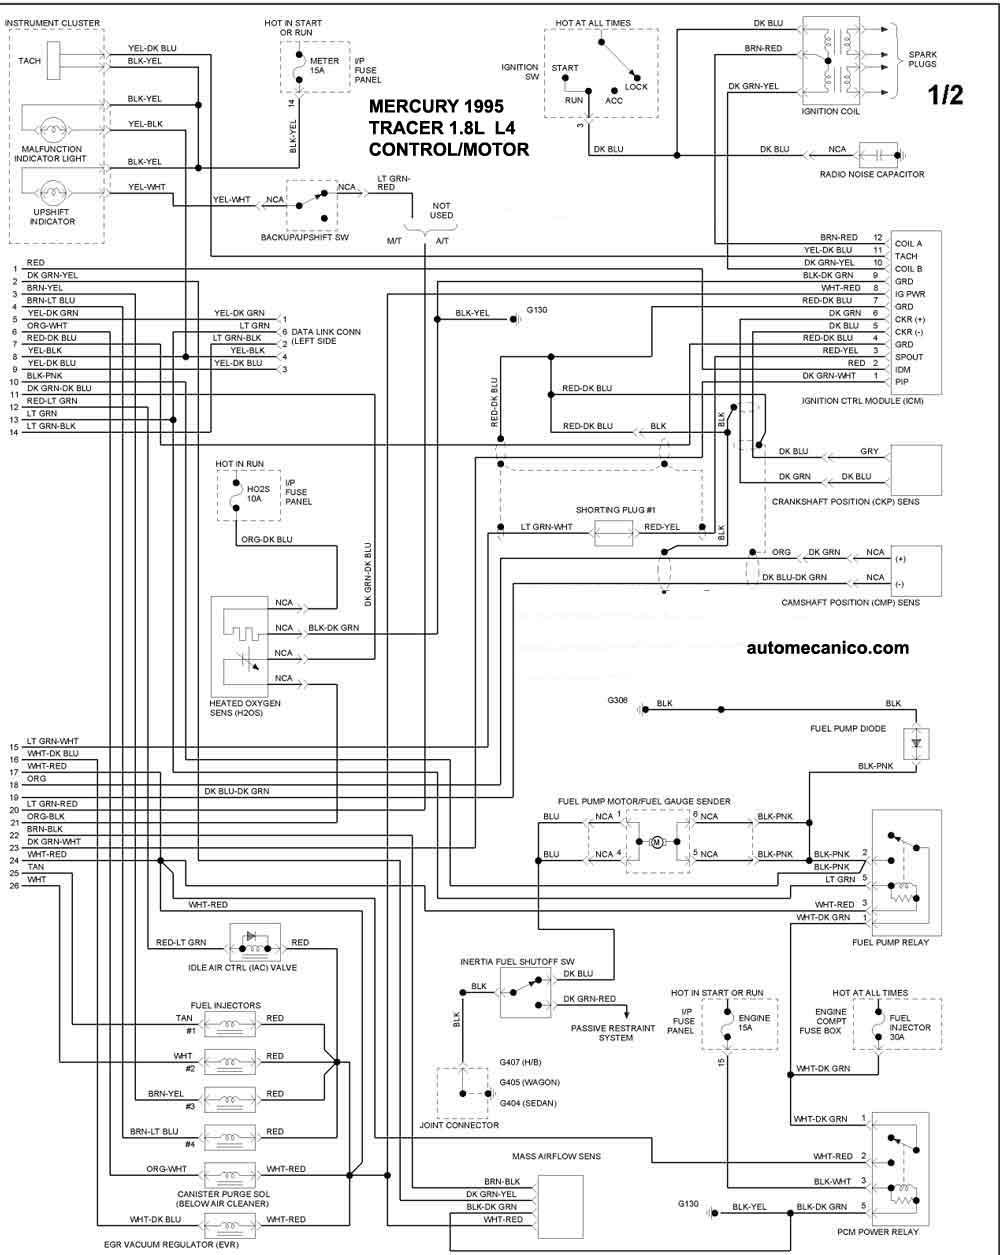 1995 mercury tracer Diagrama del motor